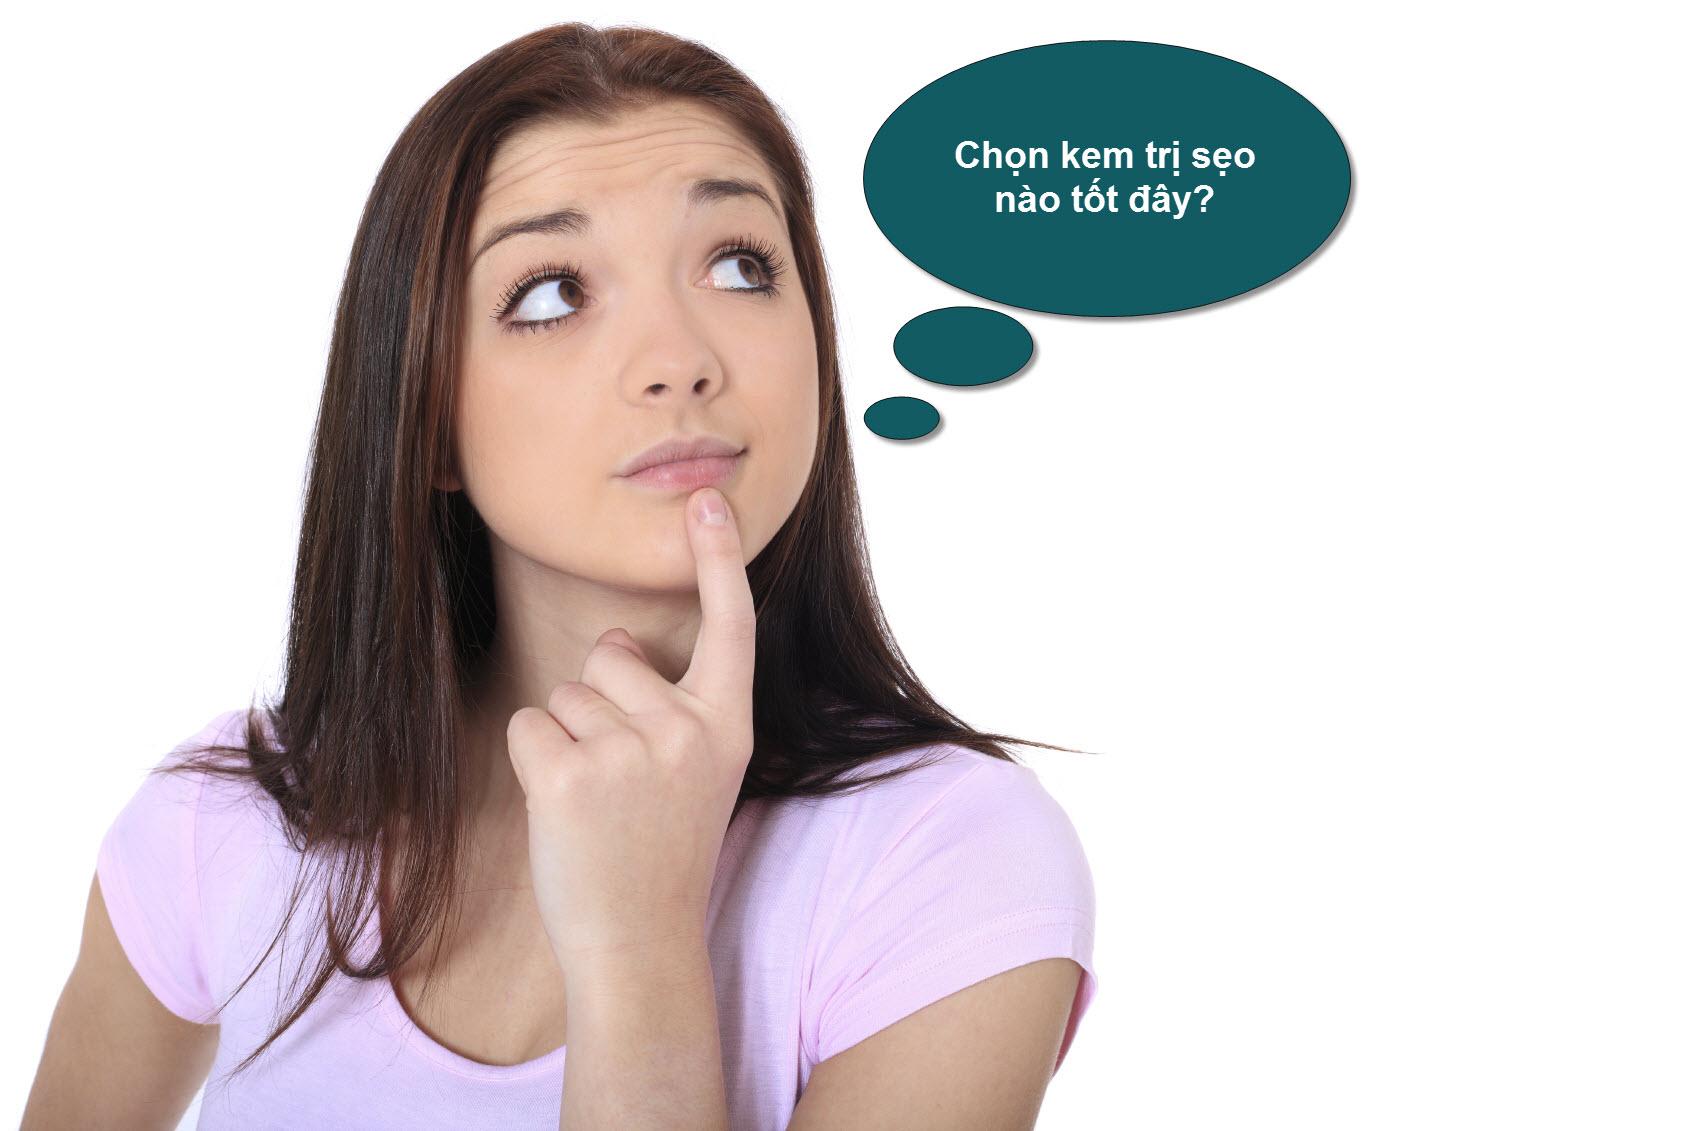 Kem trị sẹo nào tốt và hiệu quả hiện nay?